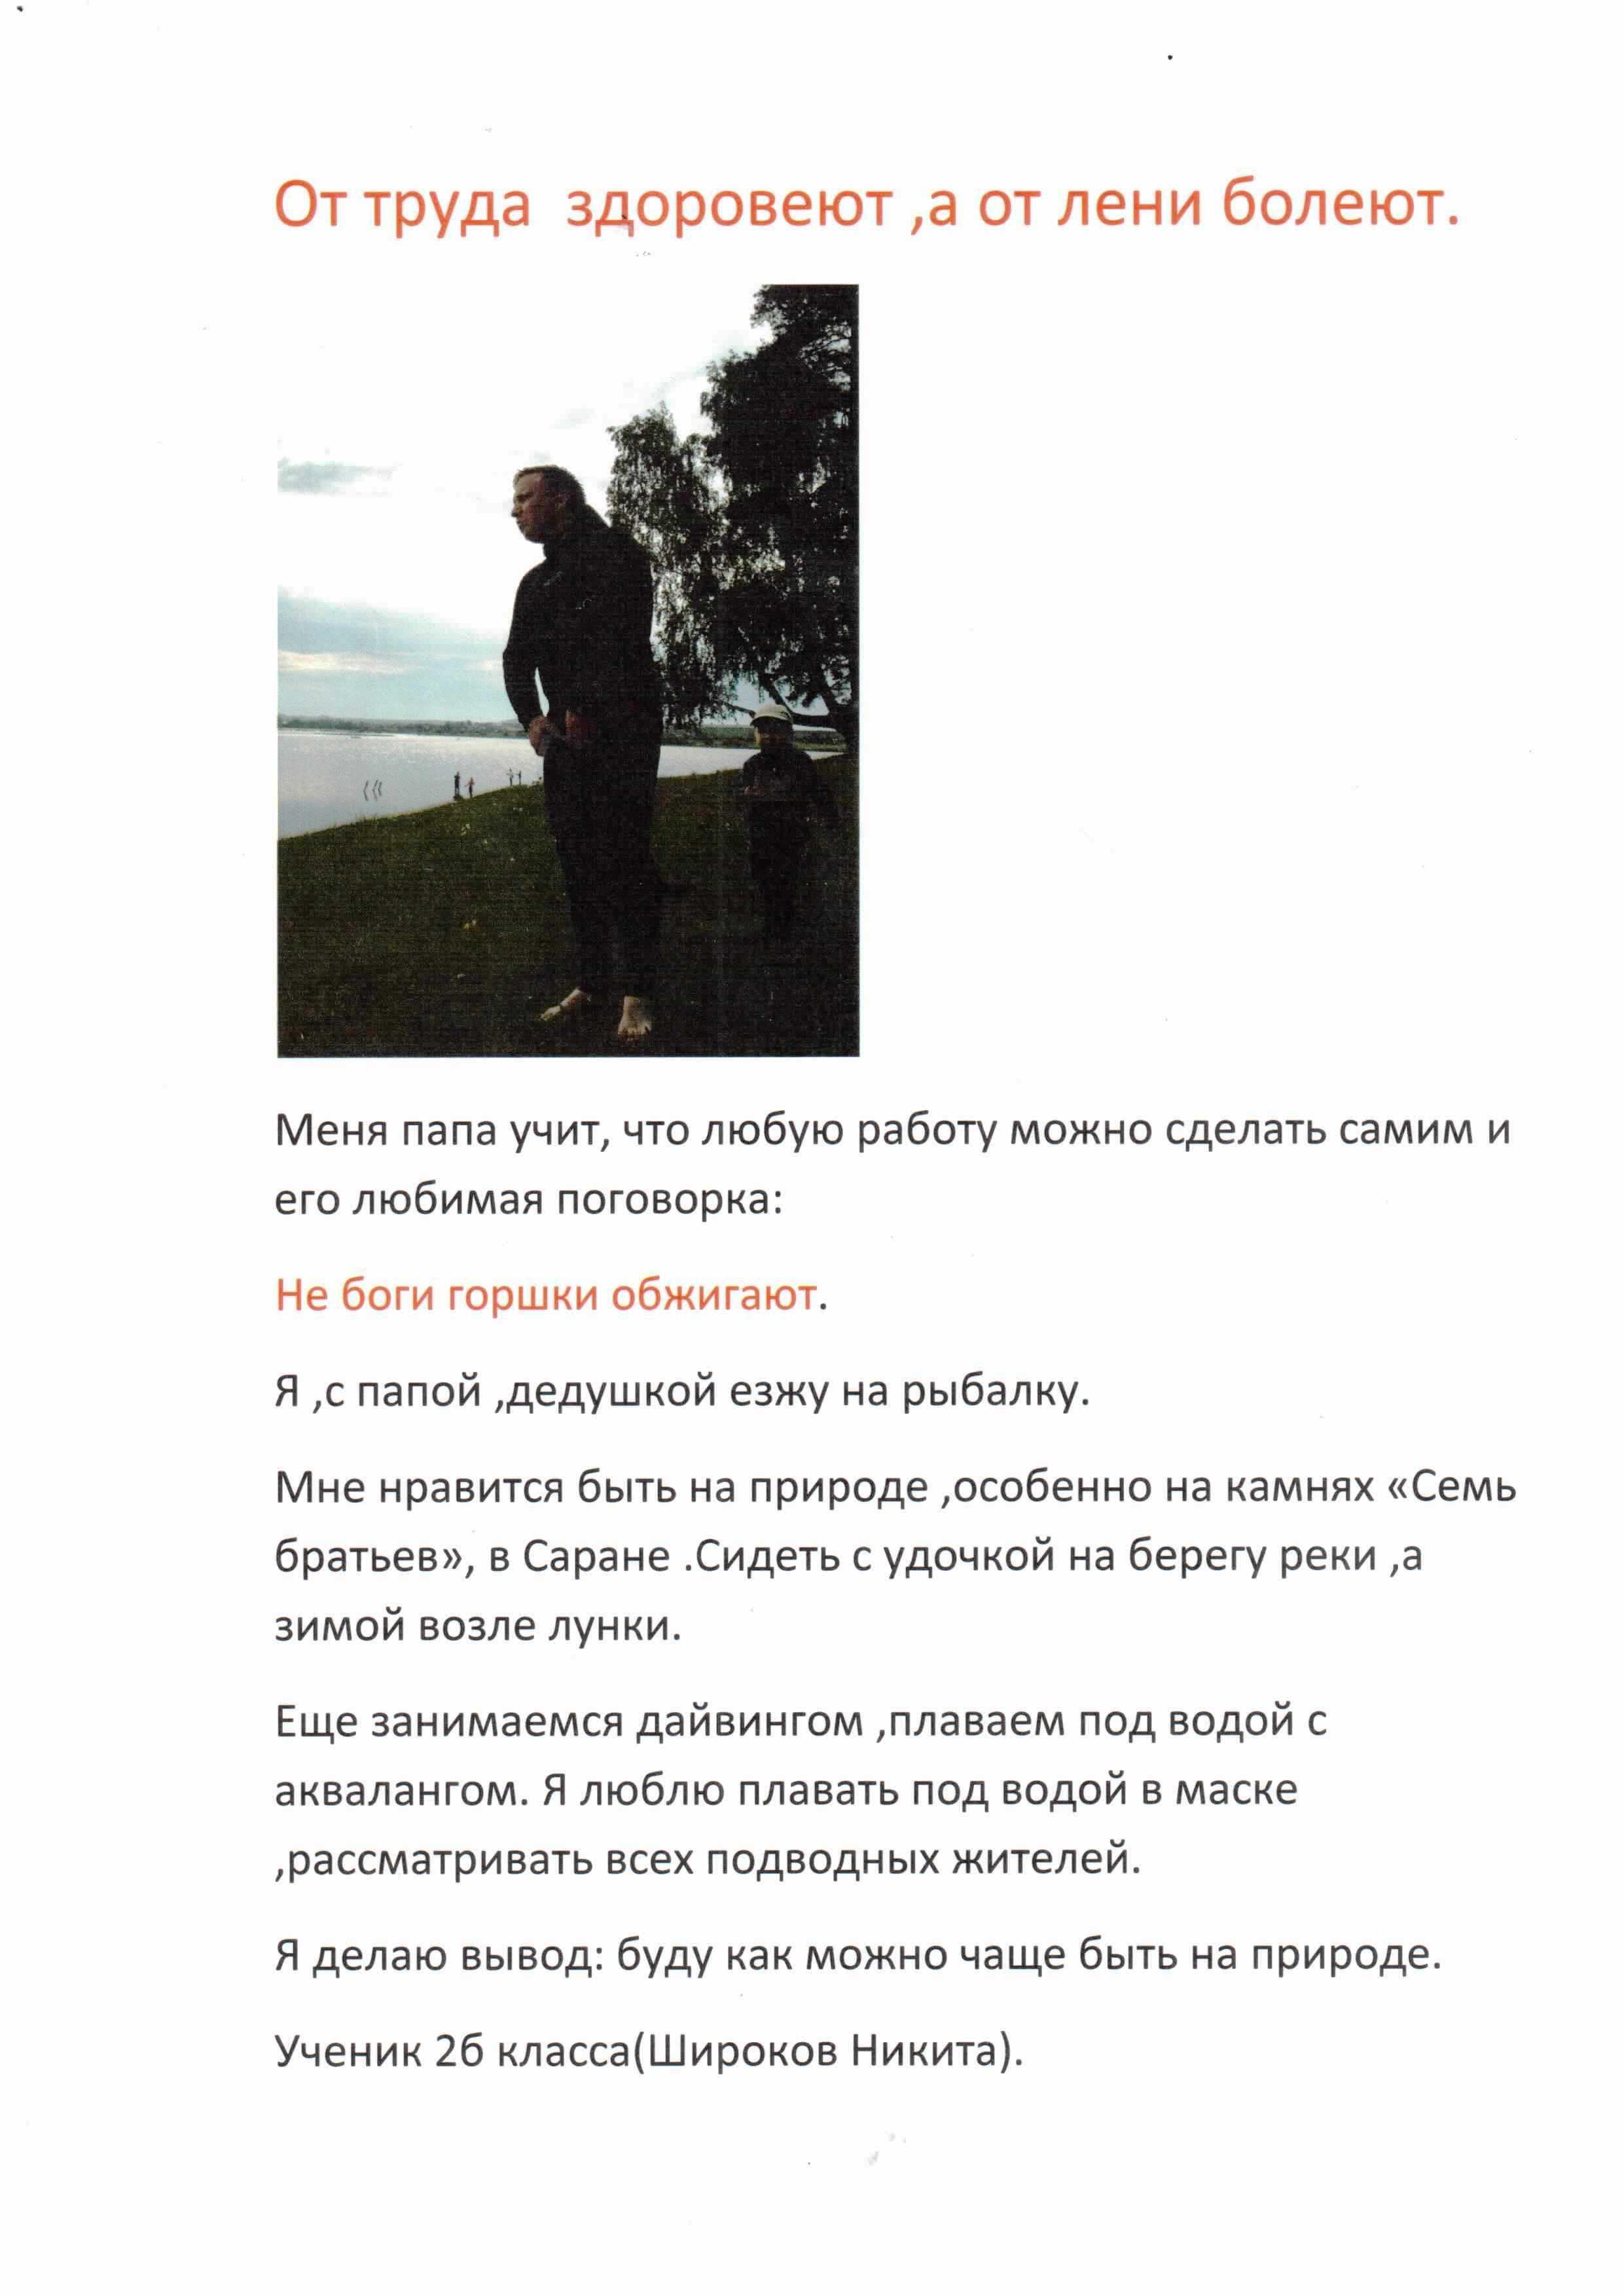 C:\Users\Татьяна\Desktop\Коллективный проект-Мы за здоровый образ жизни\Семья Широковых.jpg